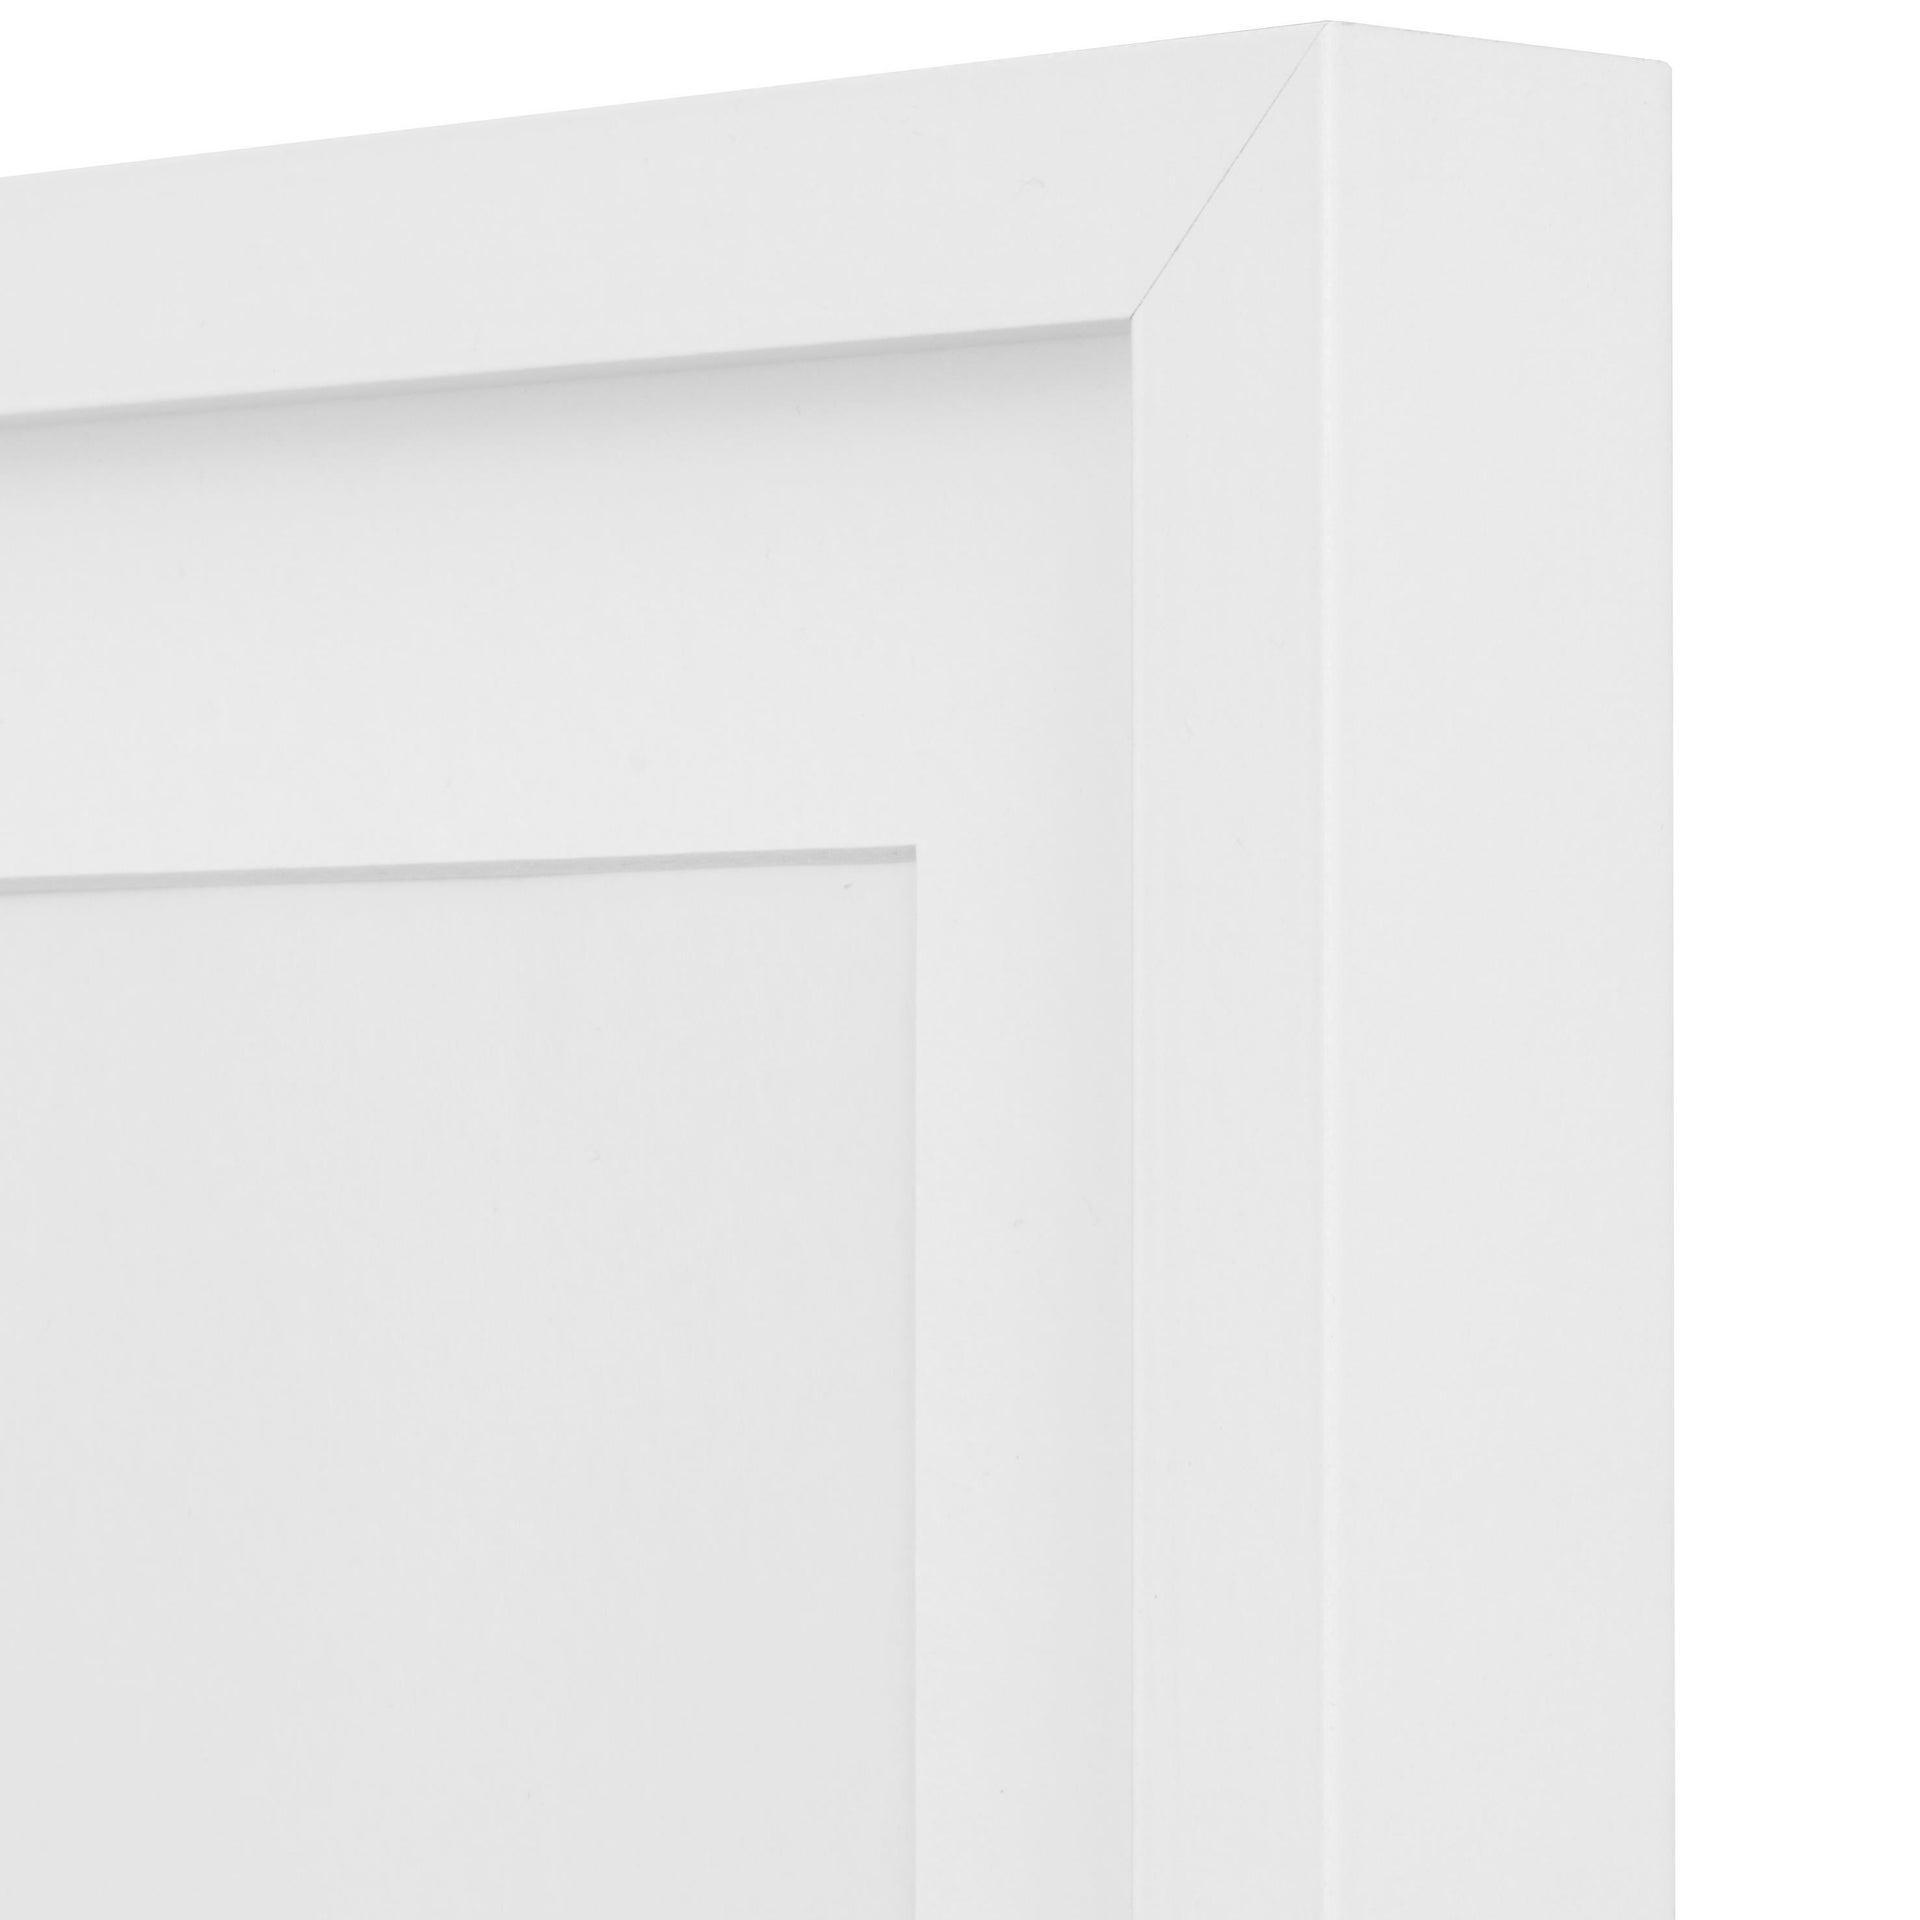 Cornice con passe-partout Inspire milo bianco 40x50 cm - 5